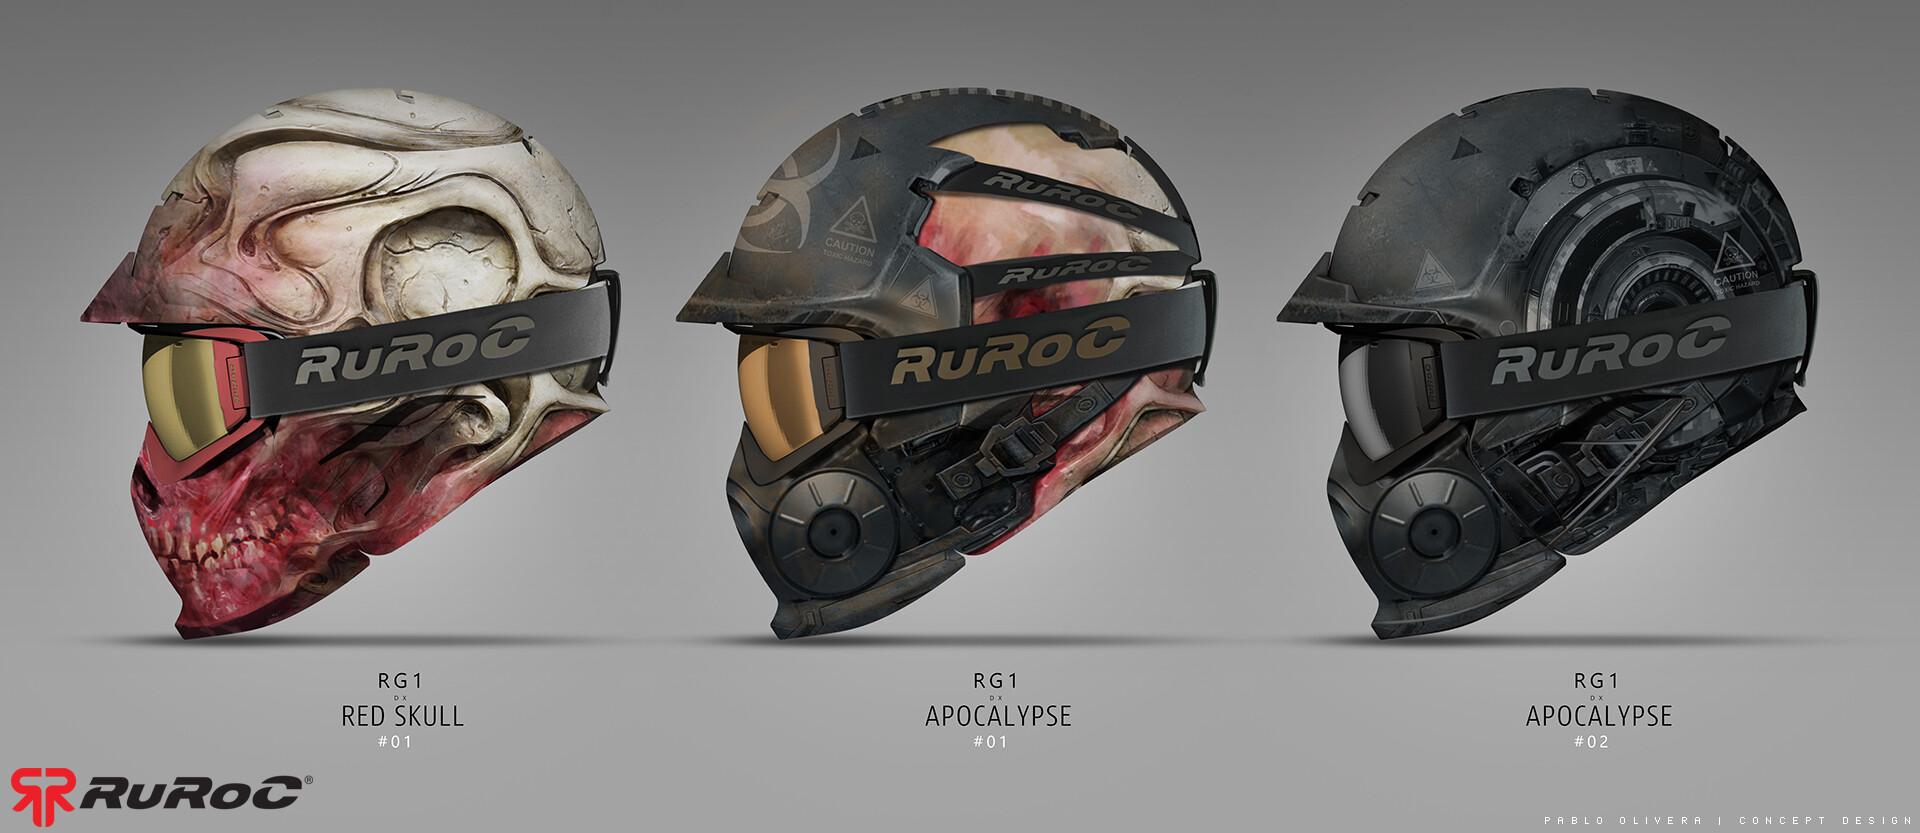 Pablo olivera ruroc sketch helmet a